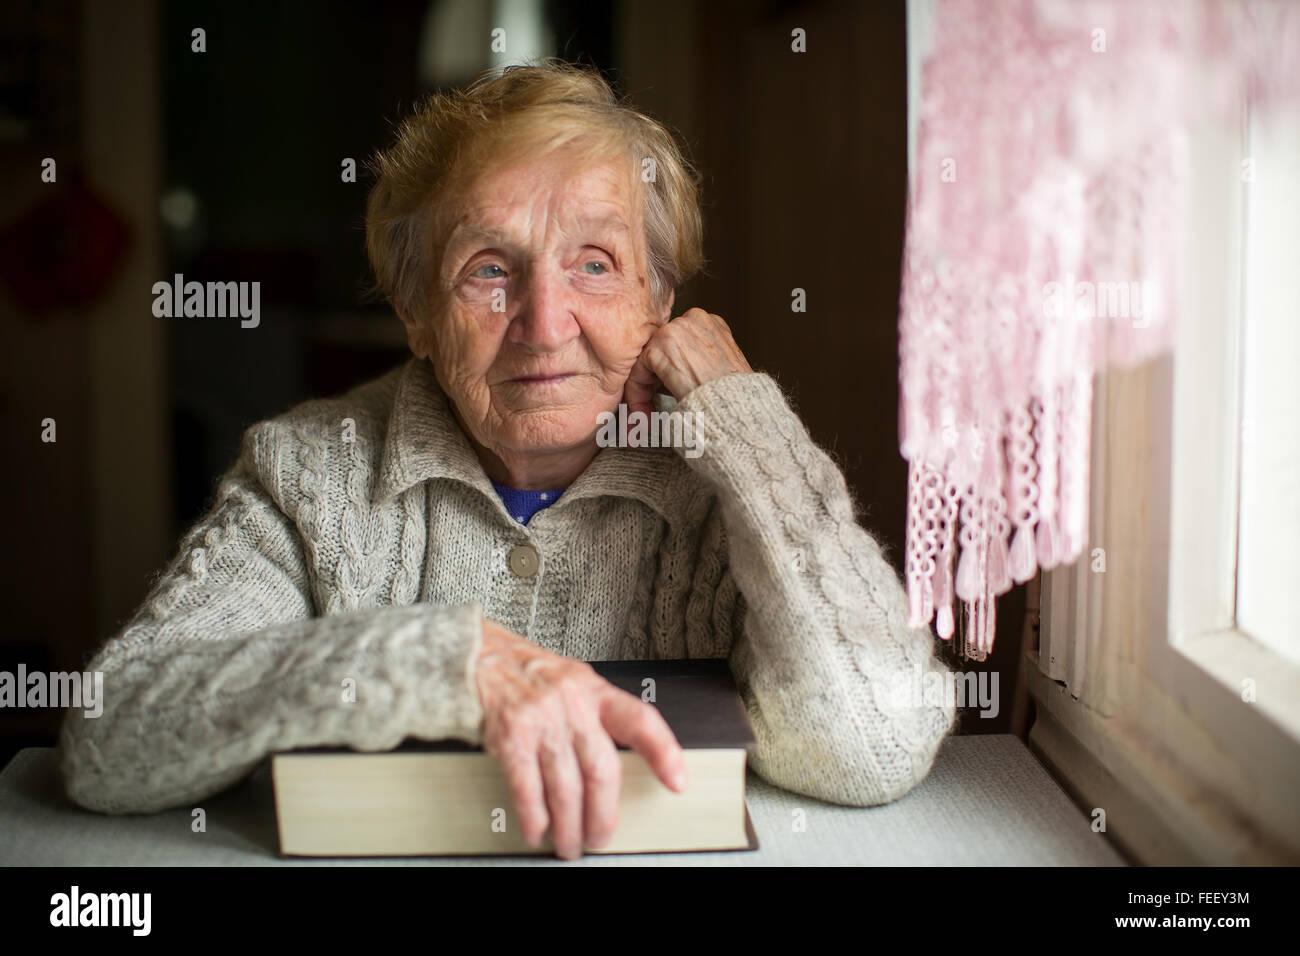 Eine ältere Frau sitzt mit einem großen Buch neben dem Fenster. Stockbild